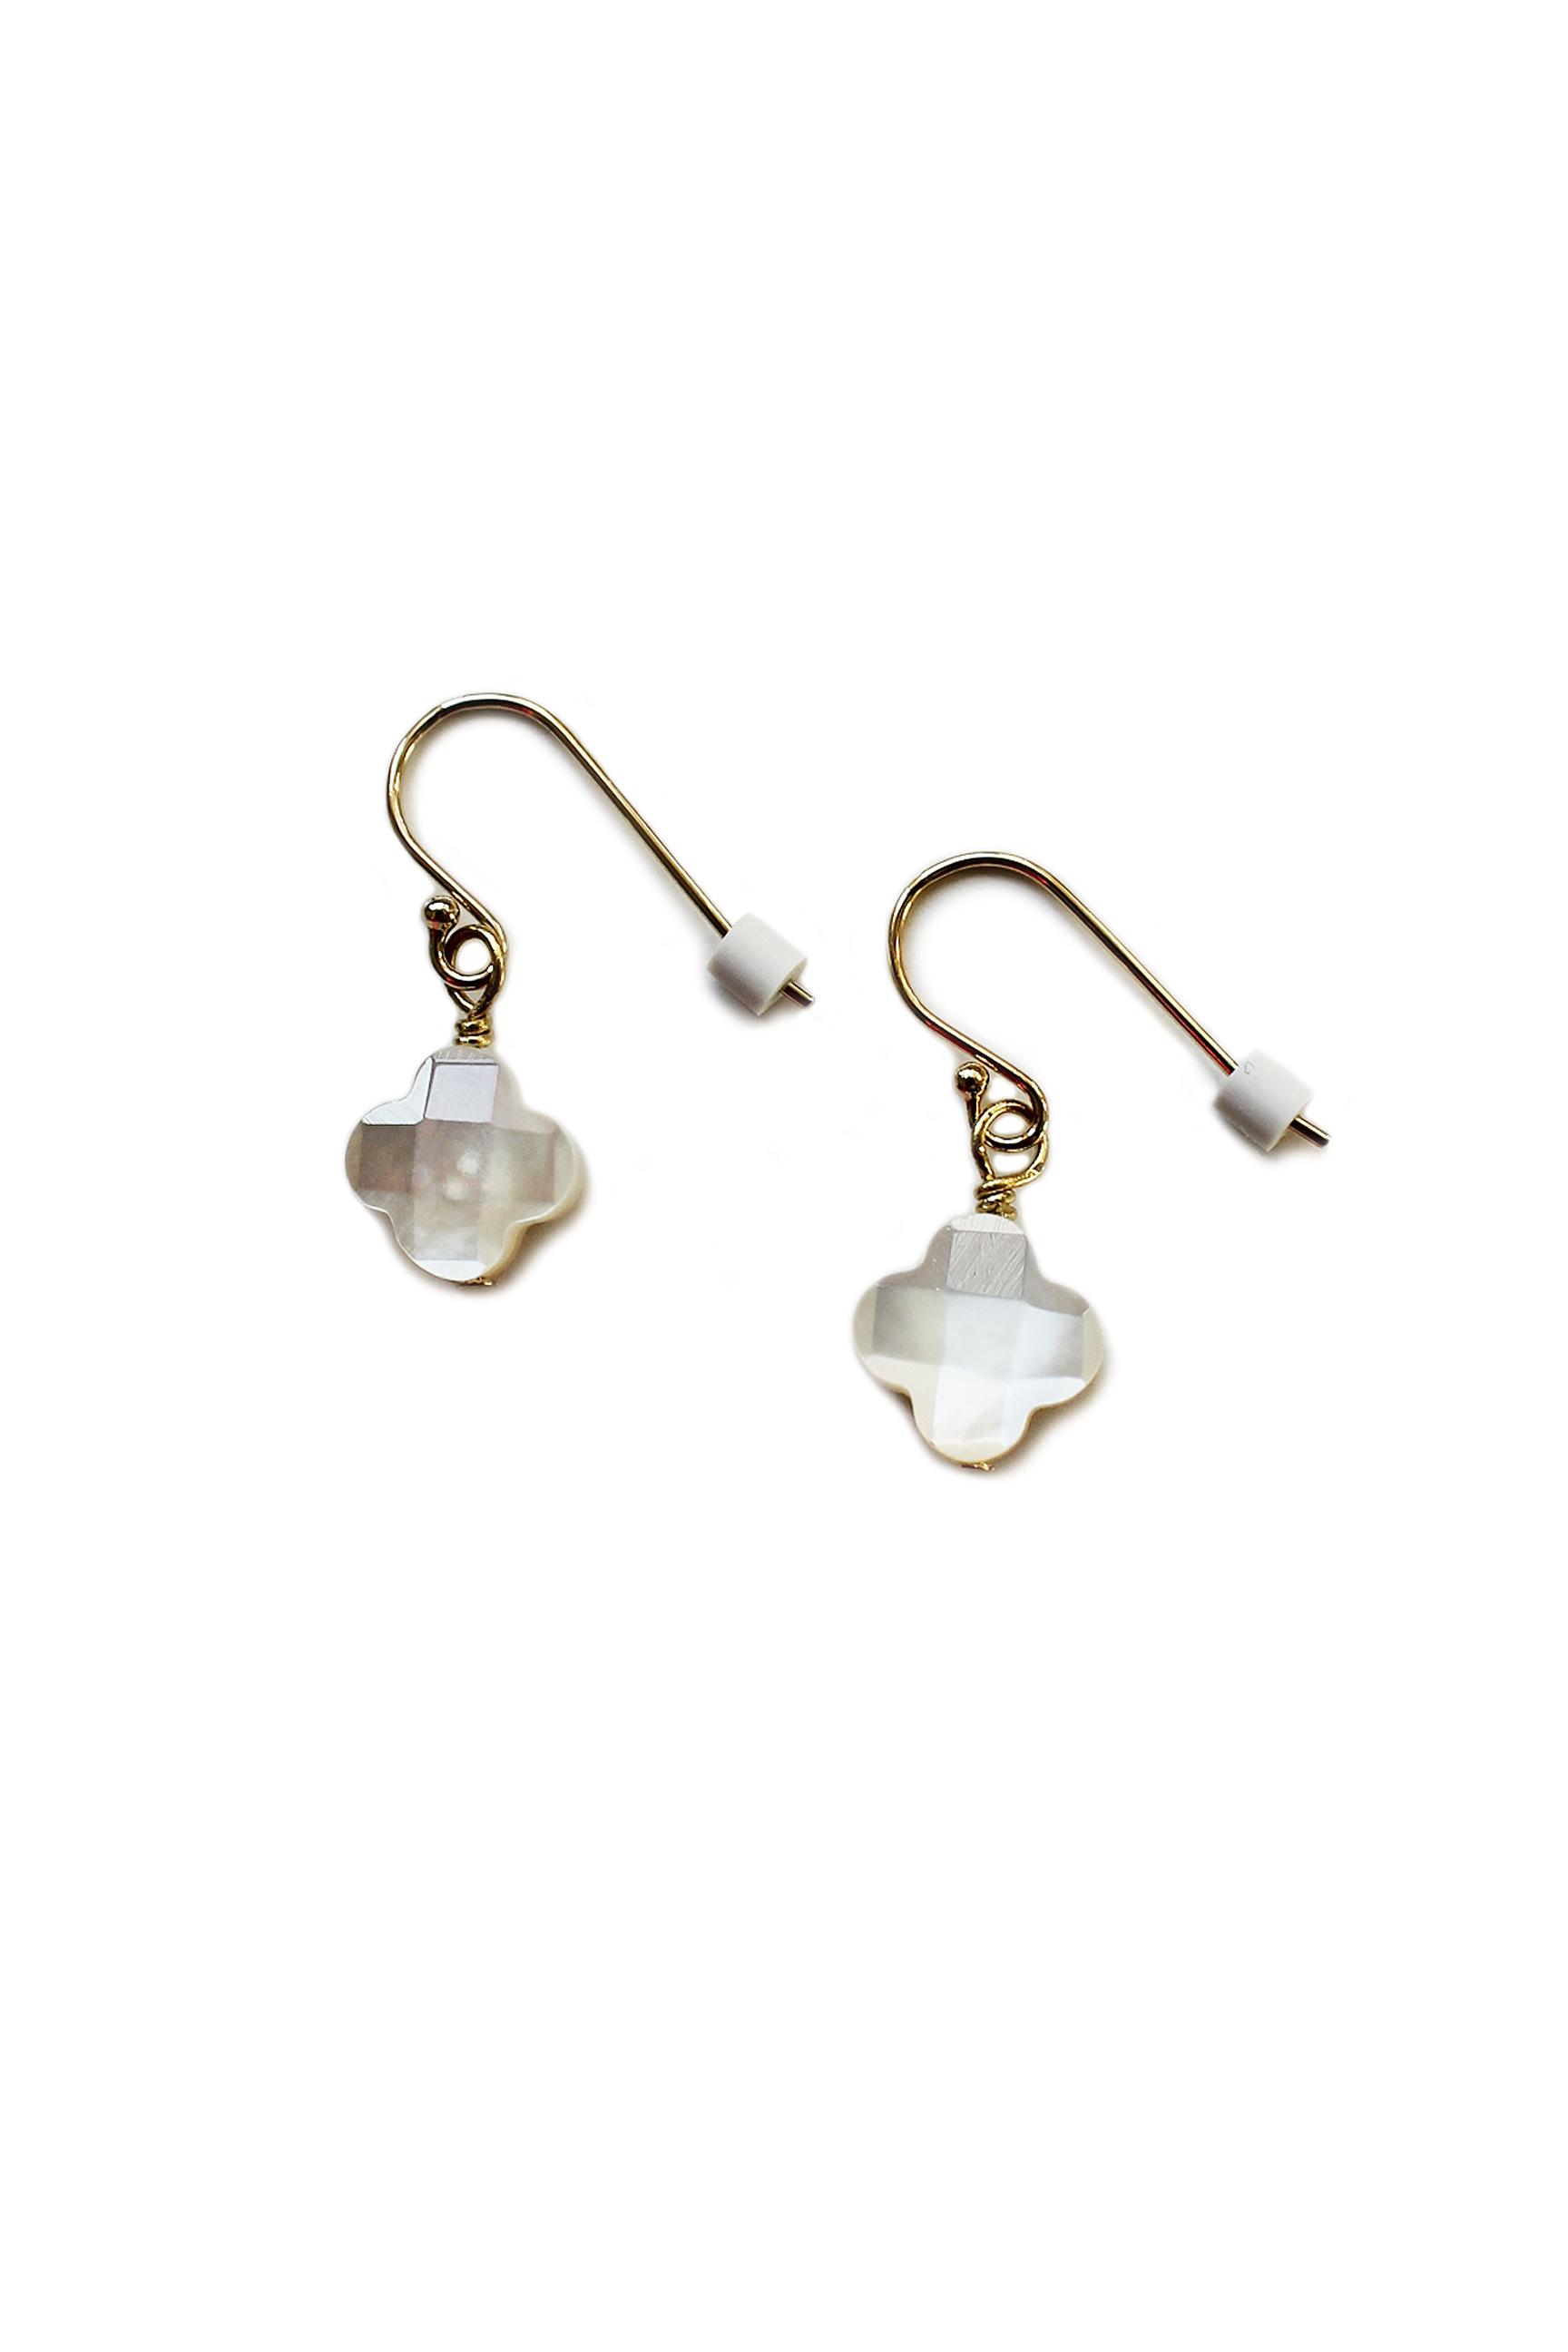 真珠母貝のクローバーがちょこんと下がるイヤリング(ピアス仕様)【22Kゴールドフィルド】